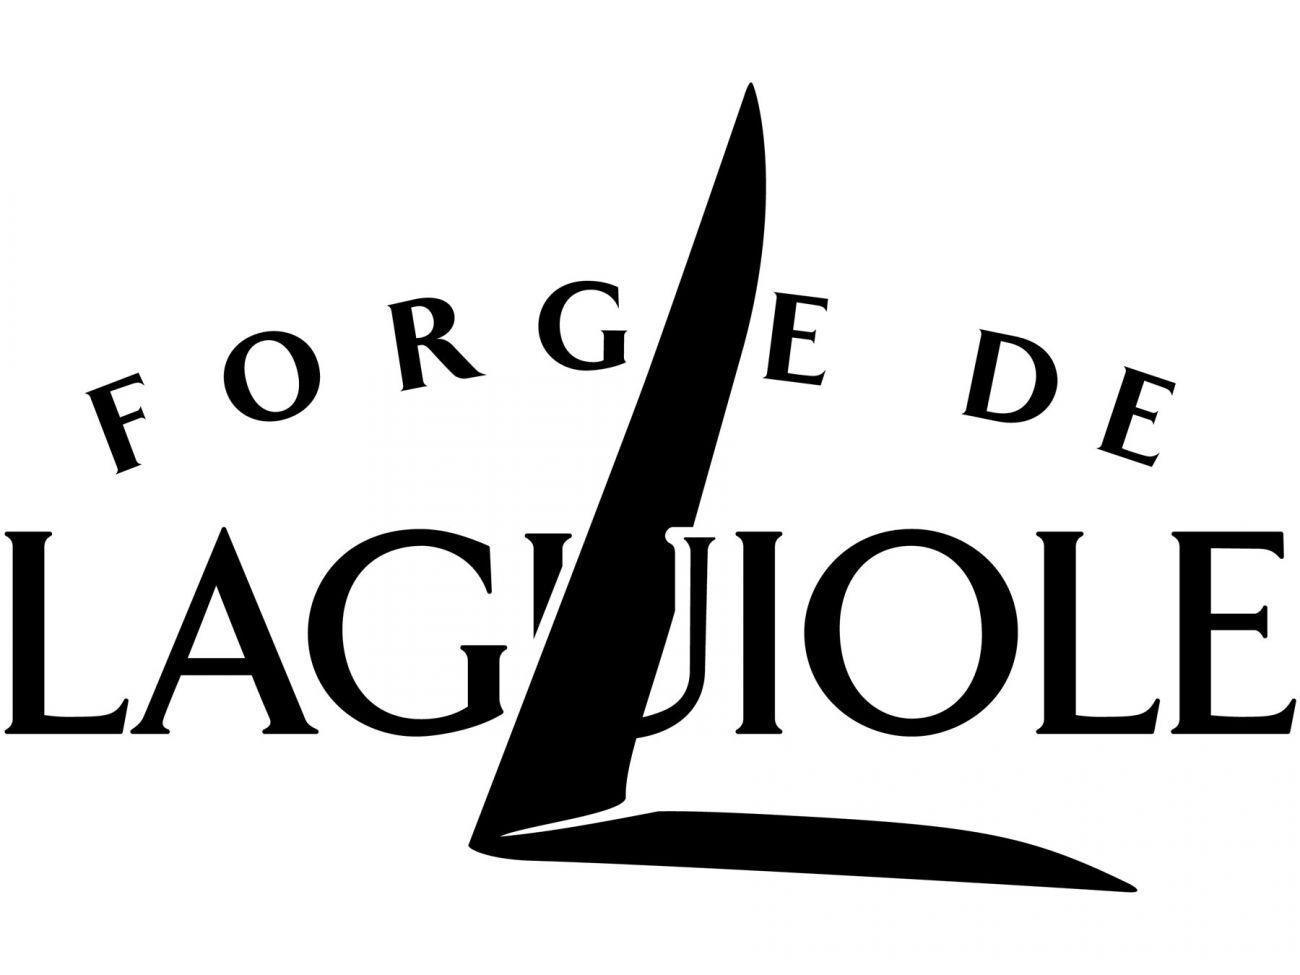 Forge de Laguiole Messer Taschenmesser Klappmesser 11 cm Klappmesser Taschenmesser Hirschhorn 0f5f36